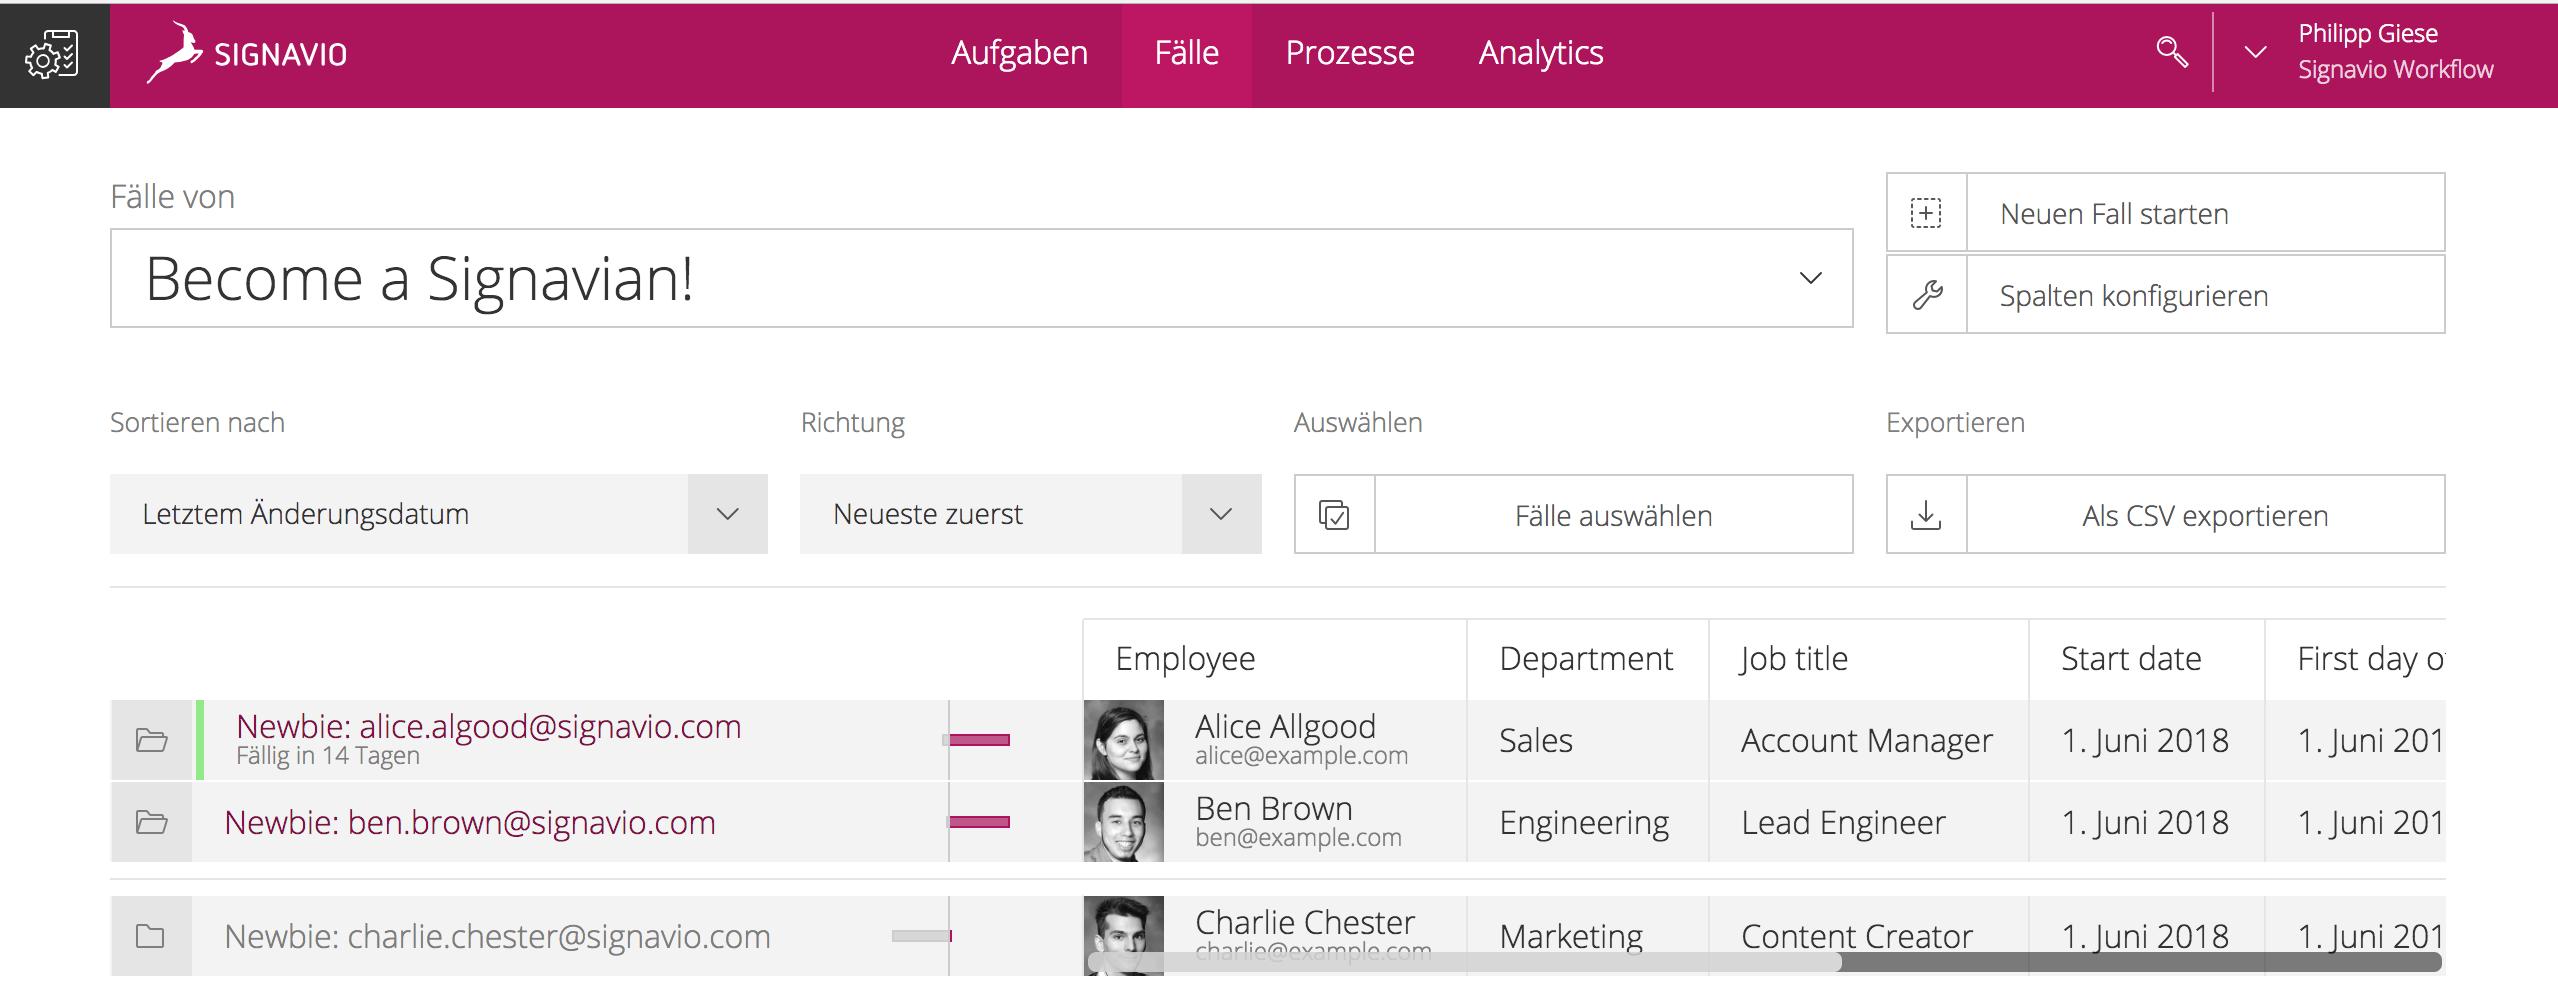 HR-Workflow Signavio